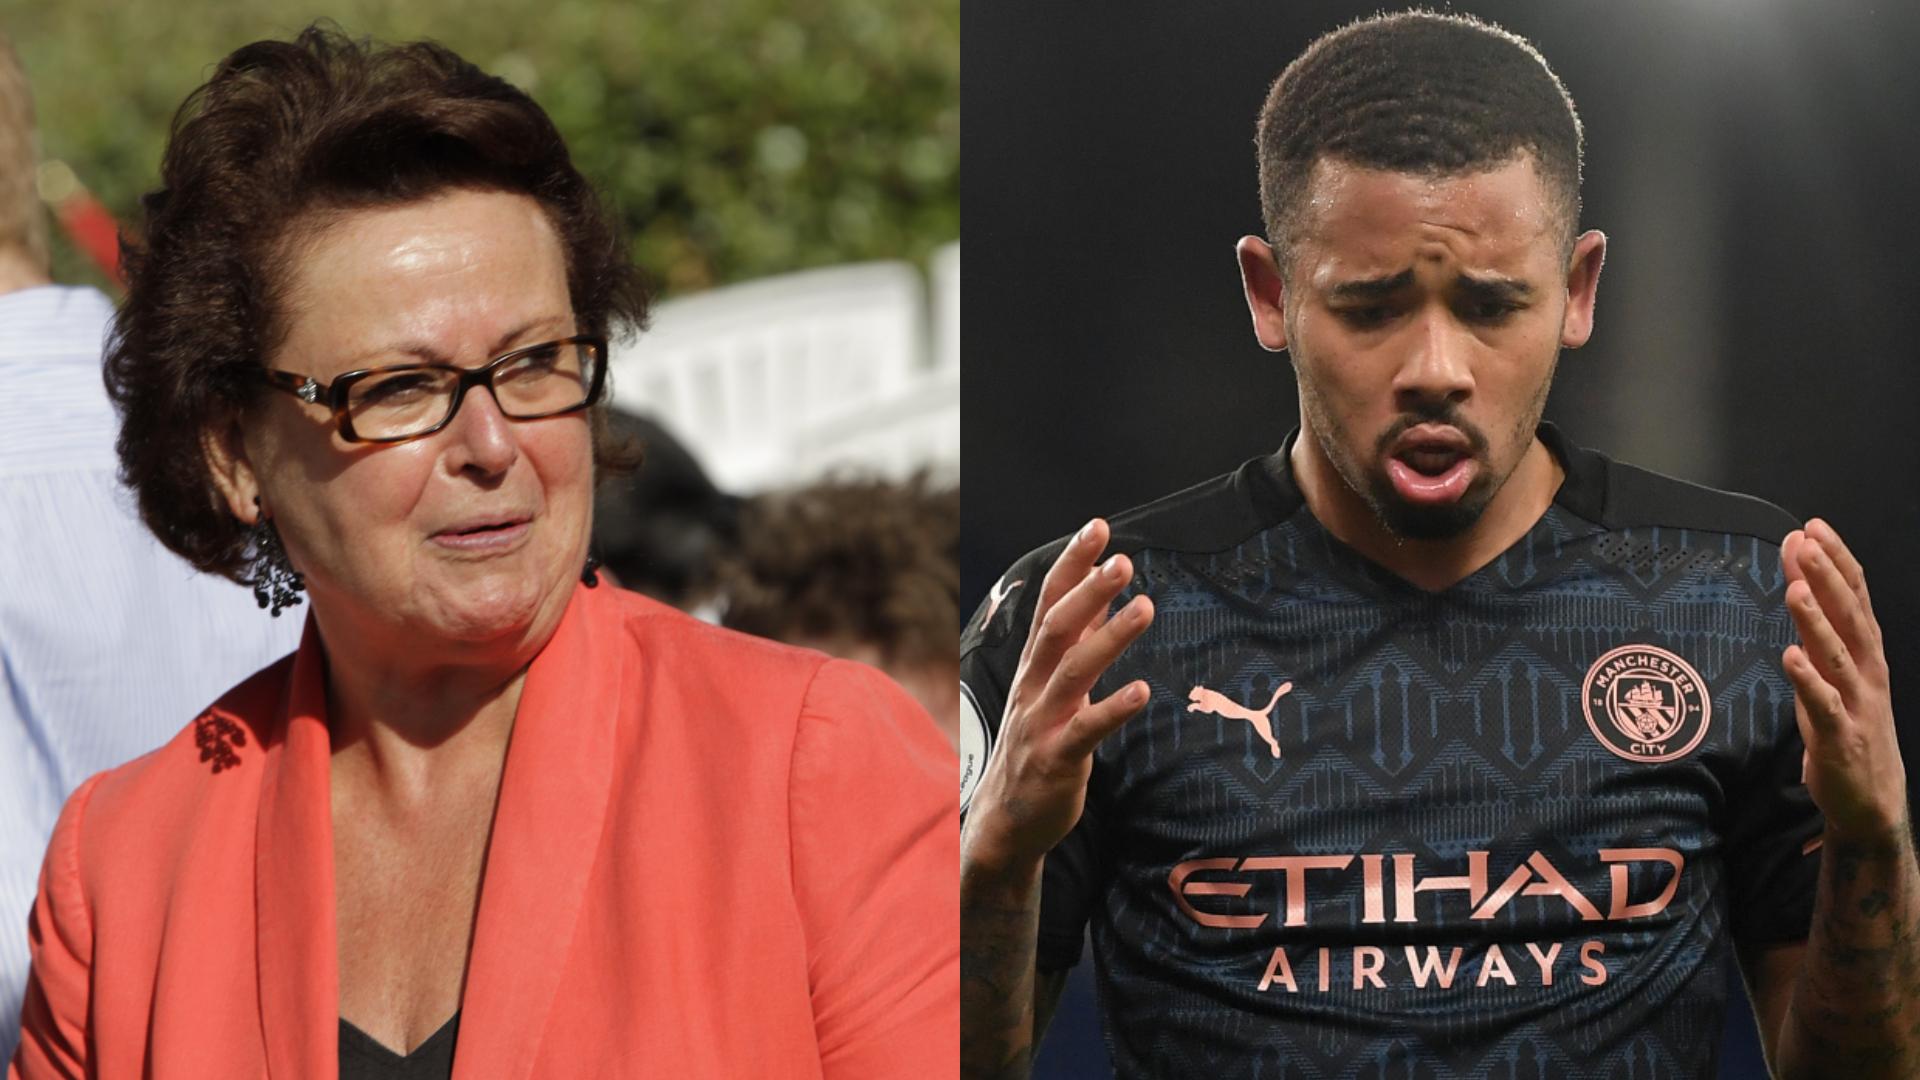 L'échange lunaire sur «Jesus» entre Christine Boutin et un fan de foot - Le Figaro